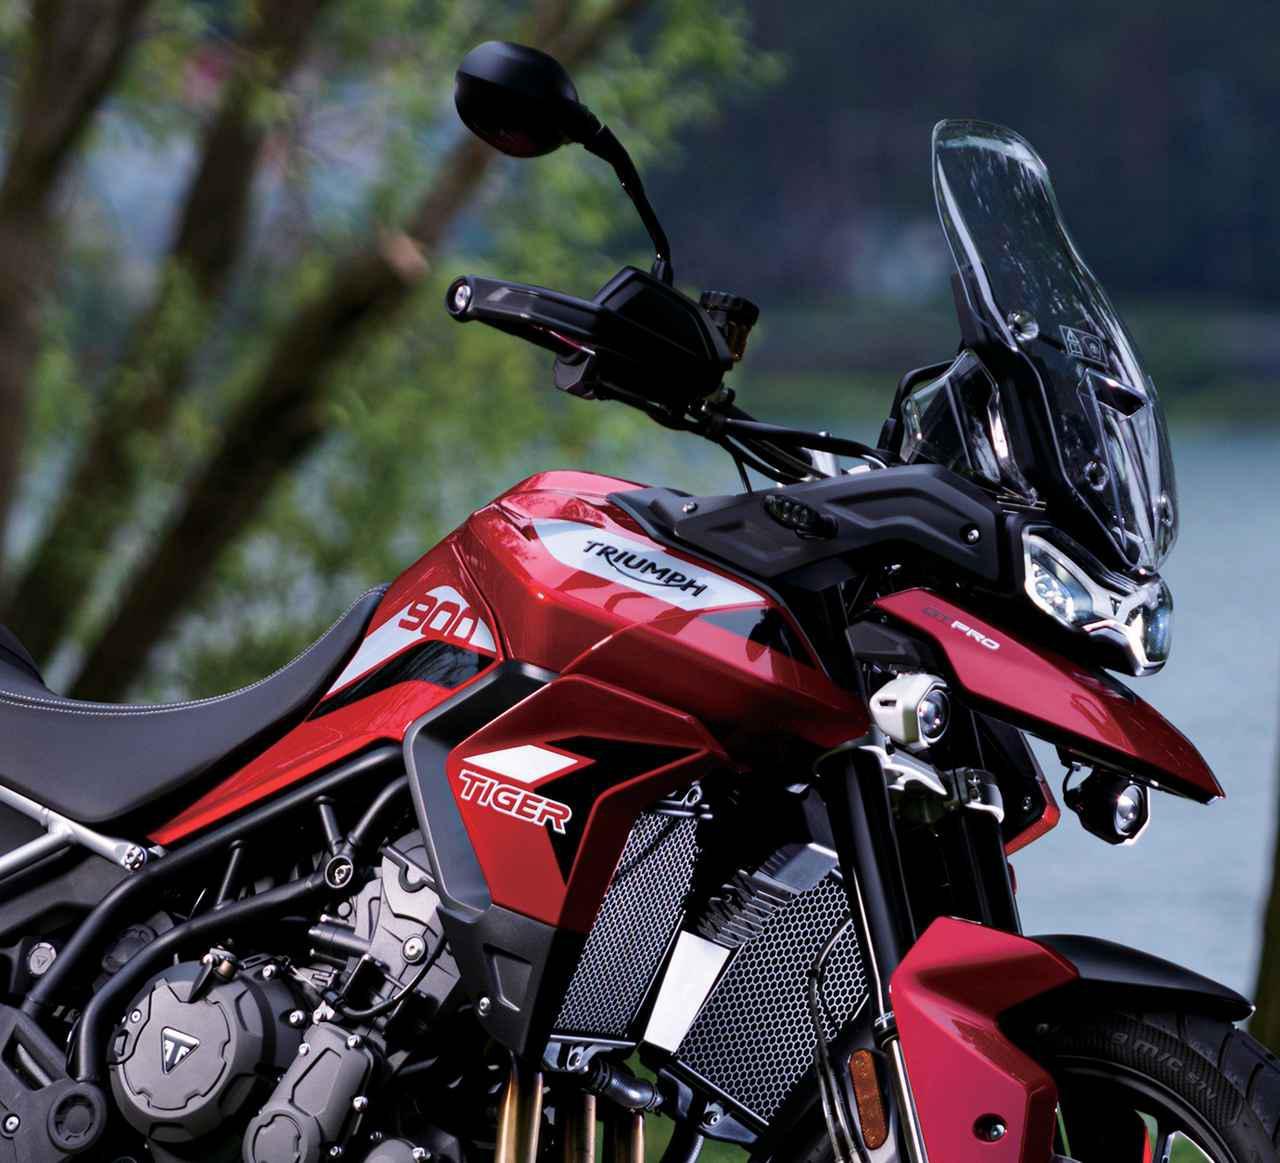 画像: ミドルタイガーの上級モデルを徹底解説! トライアンフ「タイガー900 GT プロ」【試乗インプレ・車両解説 2020】 - webオートバイ